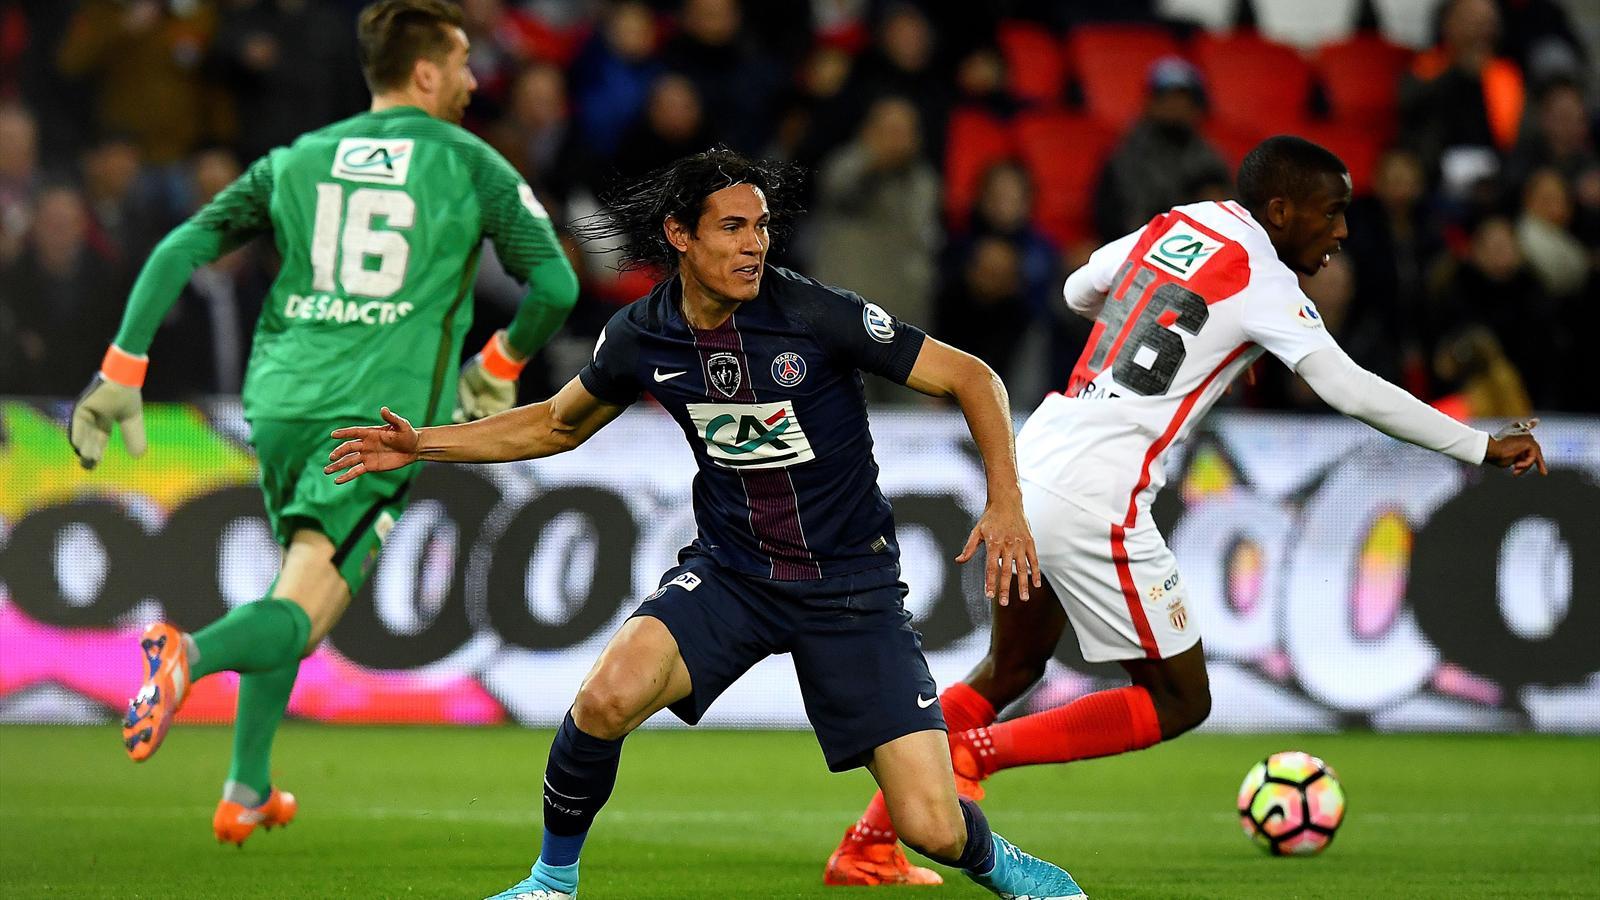 La coupe de france de football 2018 coupe de france 2017 2018 football eurosport - Coupe de france football calendrier ...